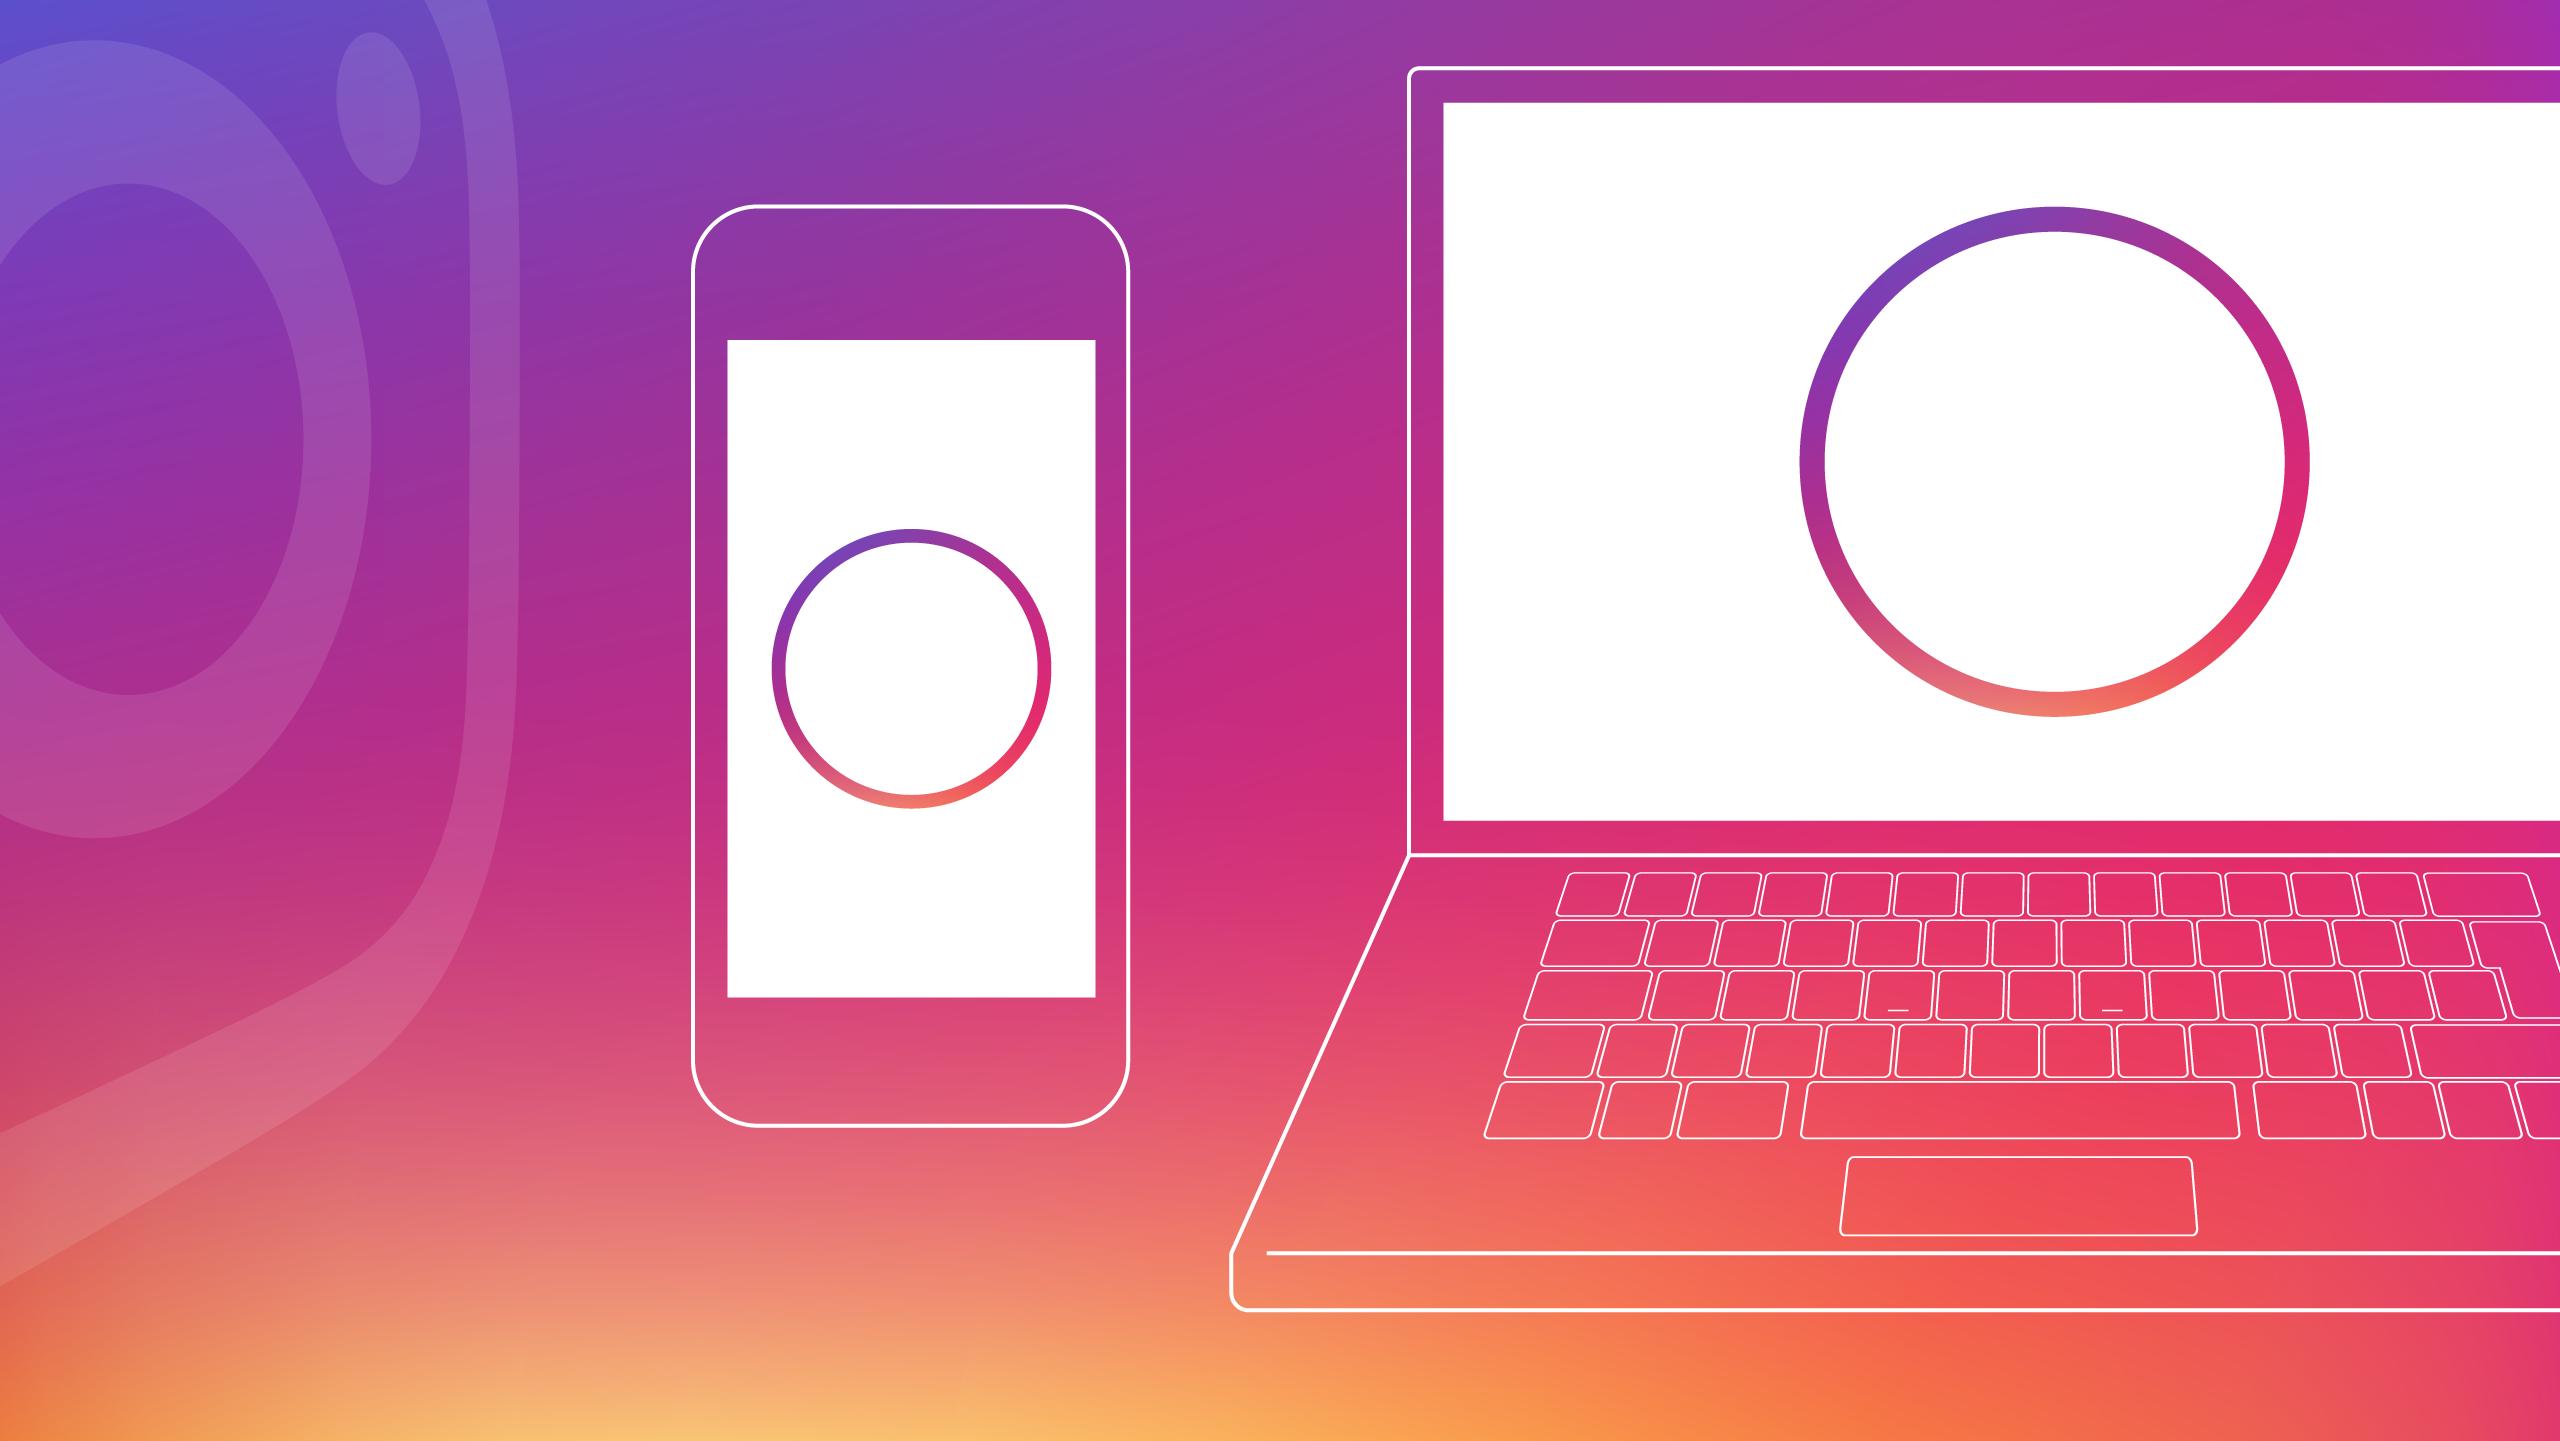 Юзеры Инстаграм смогут посылать «истории» в социальная сеть Facebook